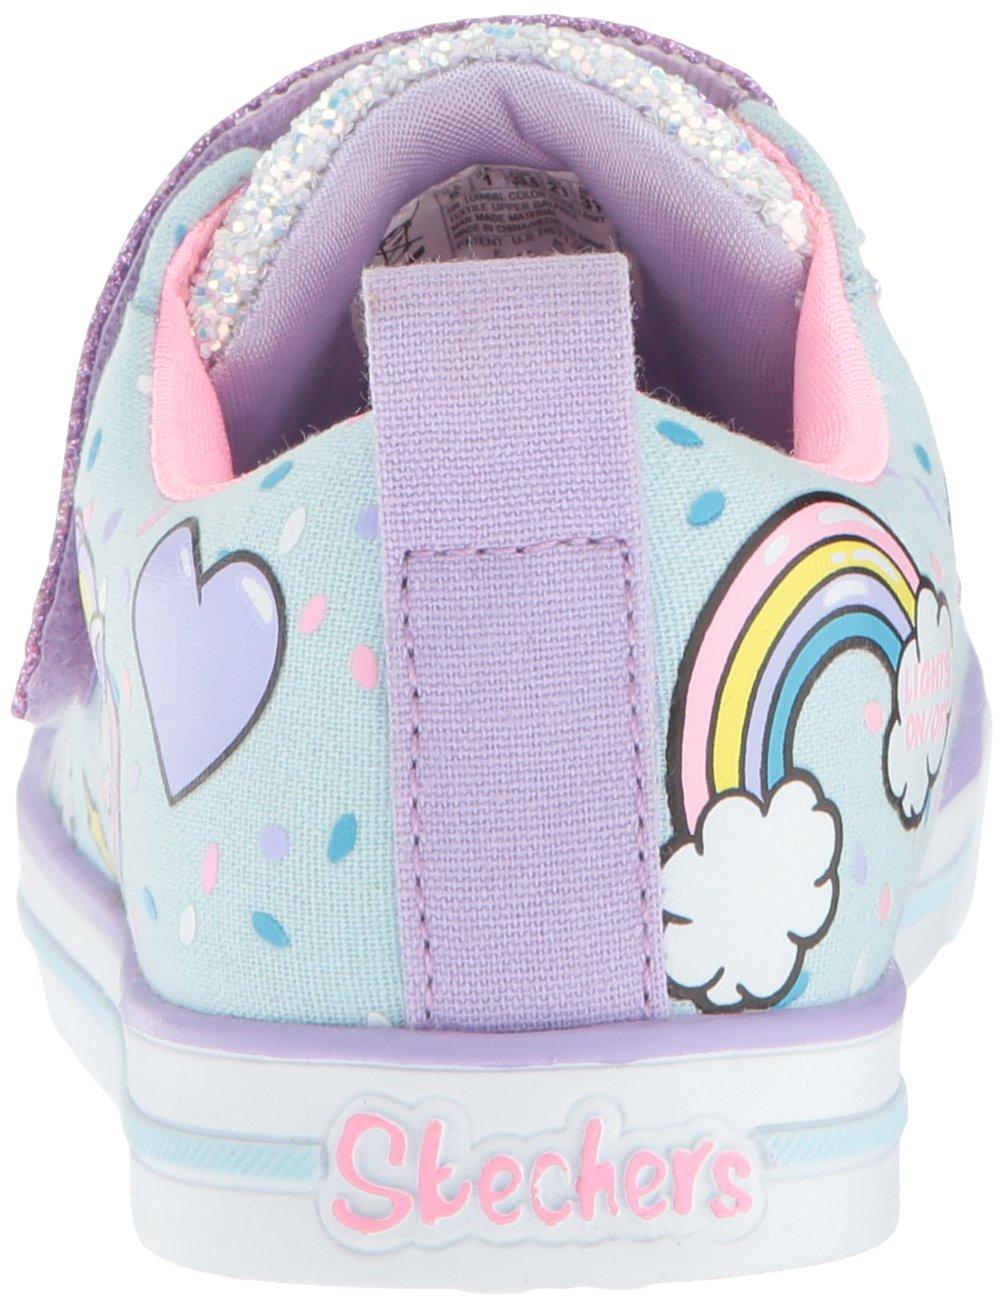 Skechers Kids Girls' Sparkle LITE-Unicorn Craze Sneaker, Light Blue/Multi, 9 Medium US Toddler by Skechers (Image #2)